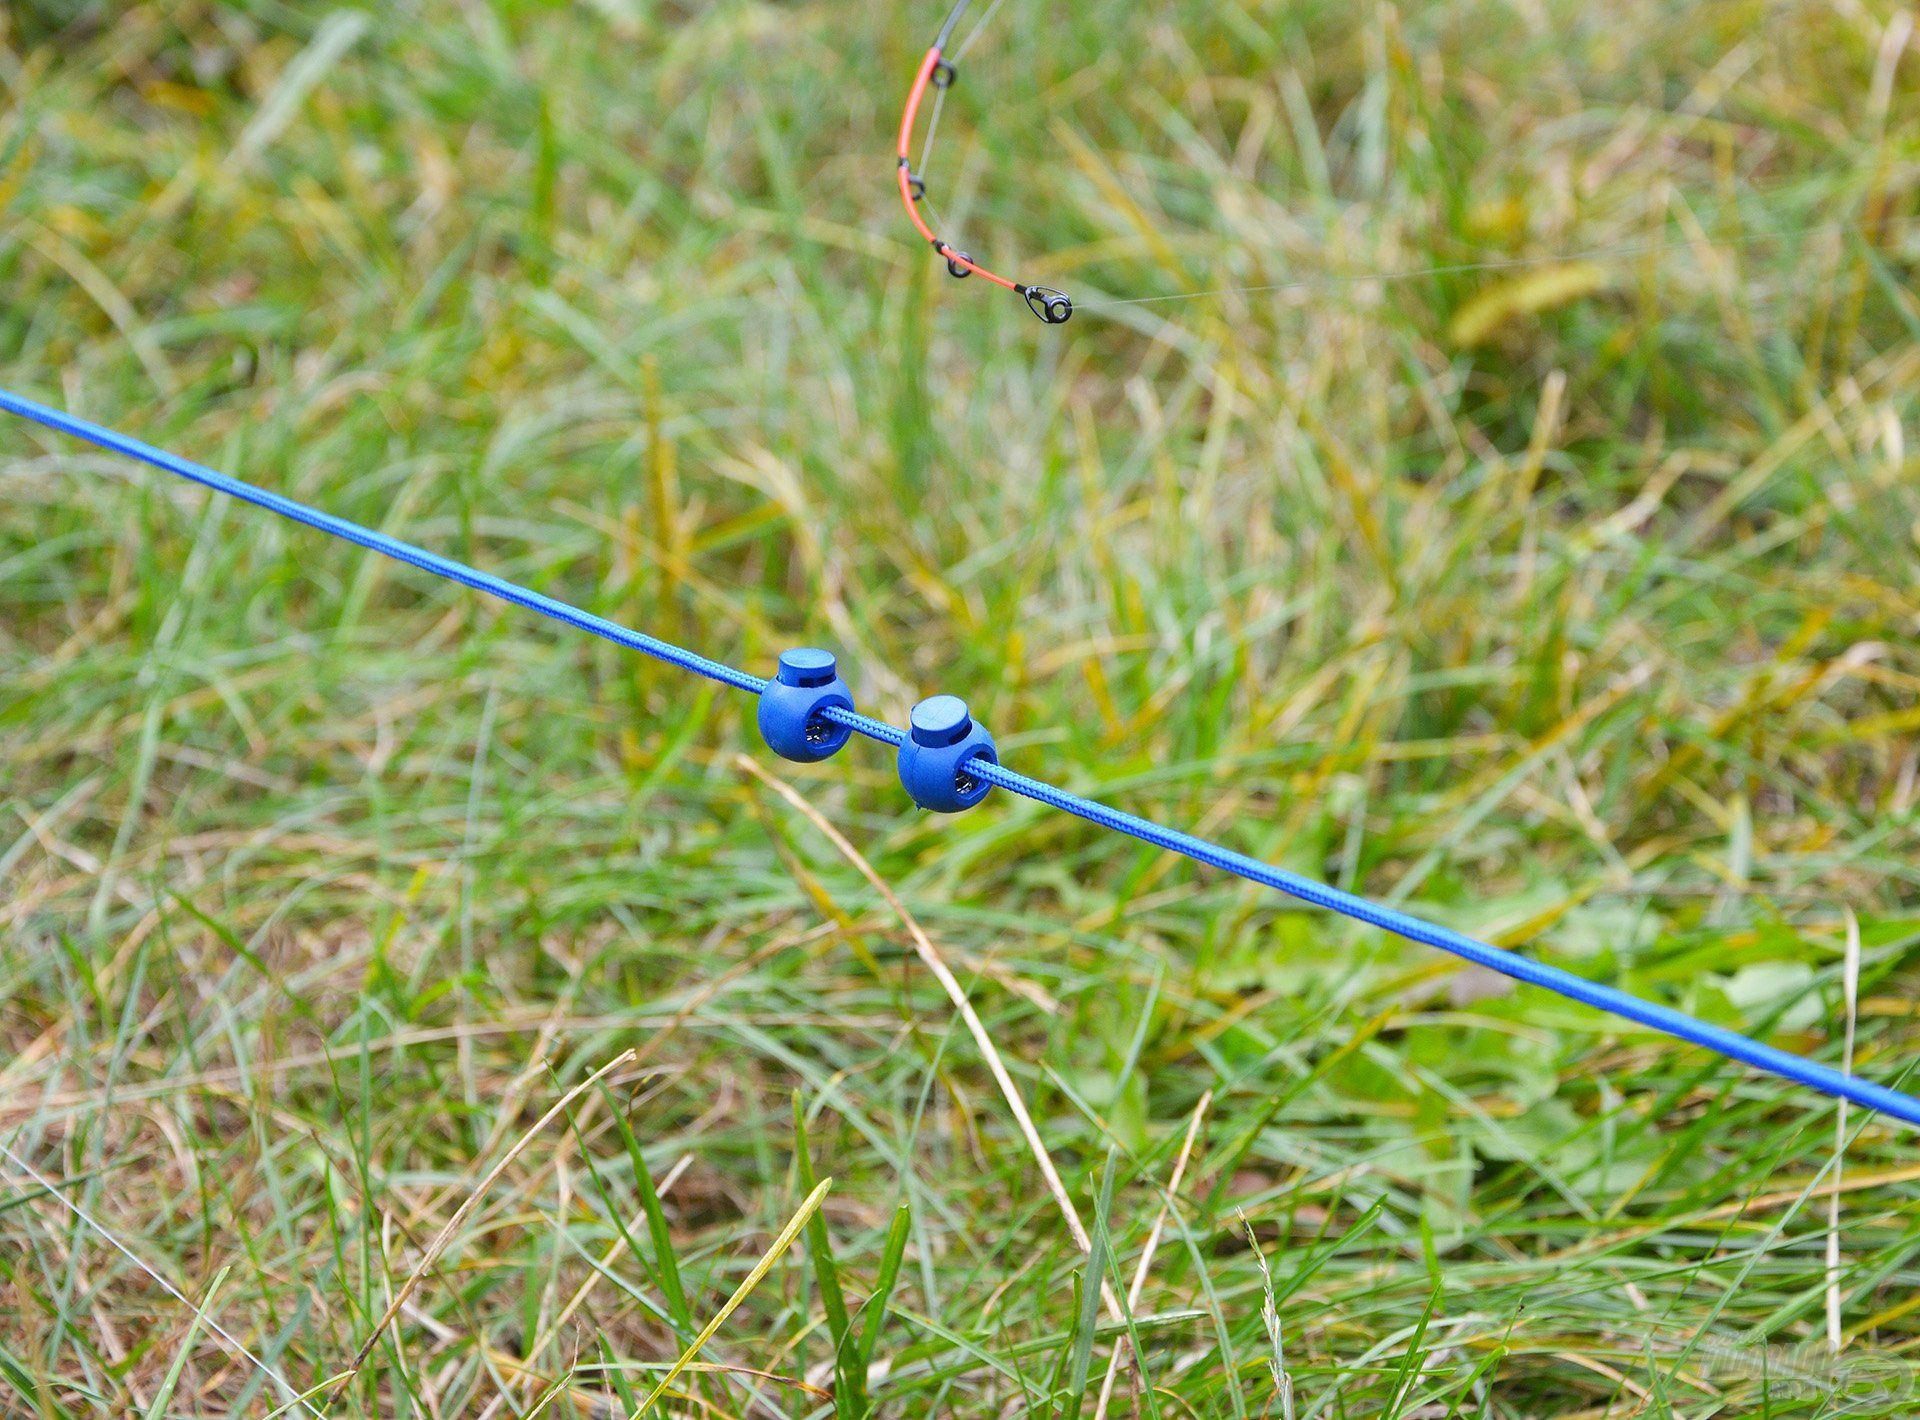 A zsinóron található két kis műanyag elem, amiknek tetszőlegesen lehet állítani a helyzetét. Ez remek segítség ahhoz, hogy a mérés végén megjelölhessük a spicc helyzetét, vagyis mindig pontosan tudni foguk, hogy a két rúd között hol állítottuk meg a kimért távolságot